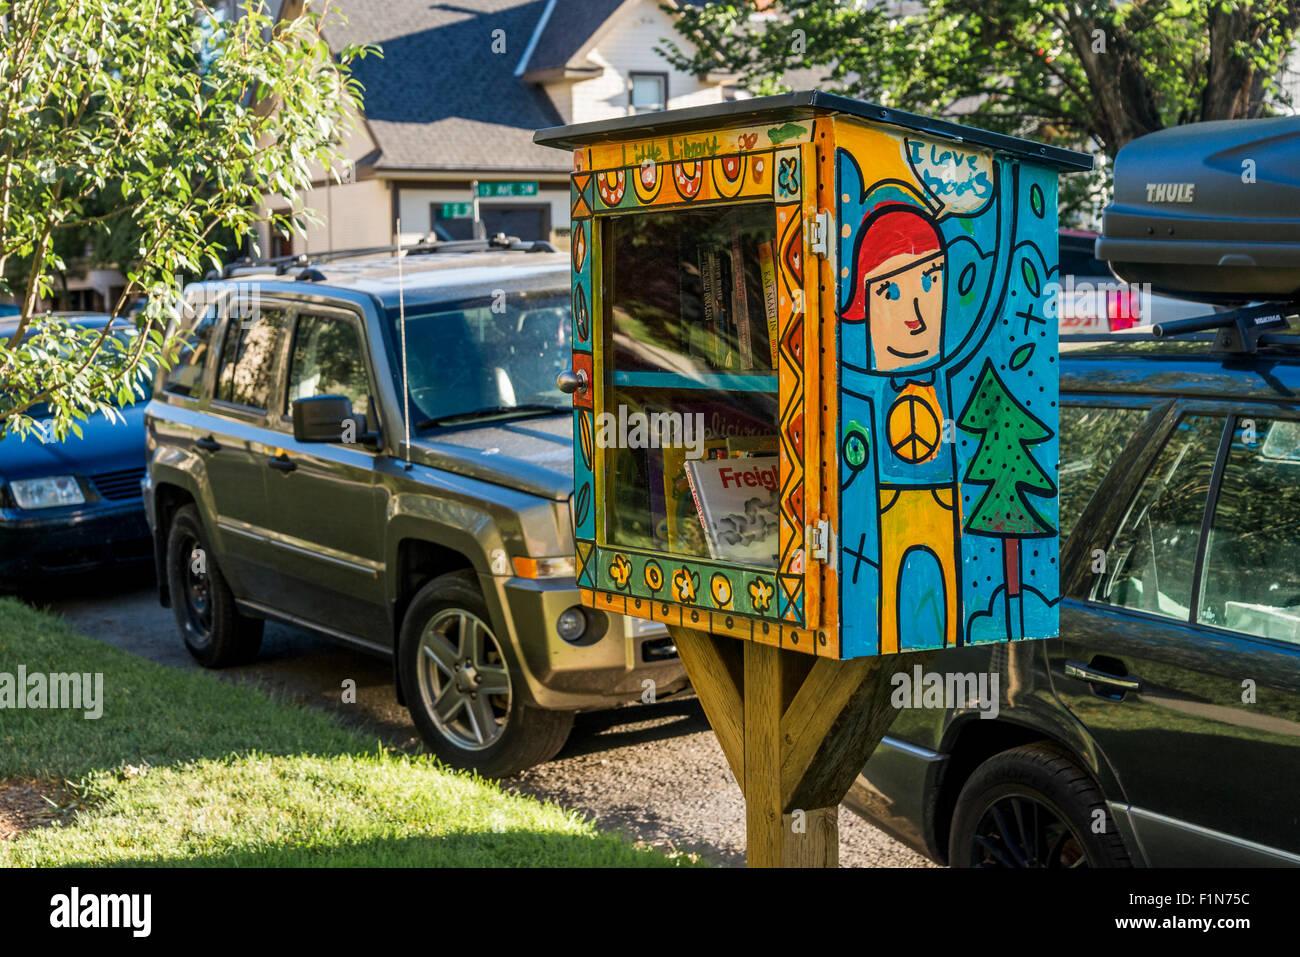 Pequeña biblioteca libre cuadro Libro, Calgary, Alberta, Canadá Imagen De Stock